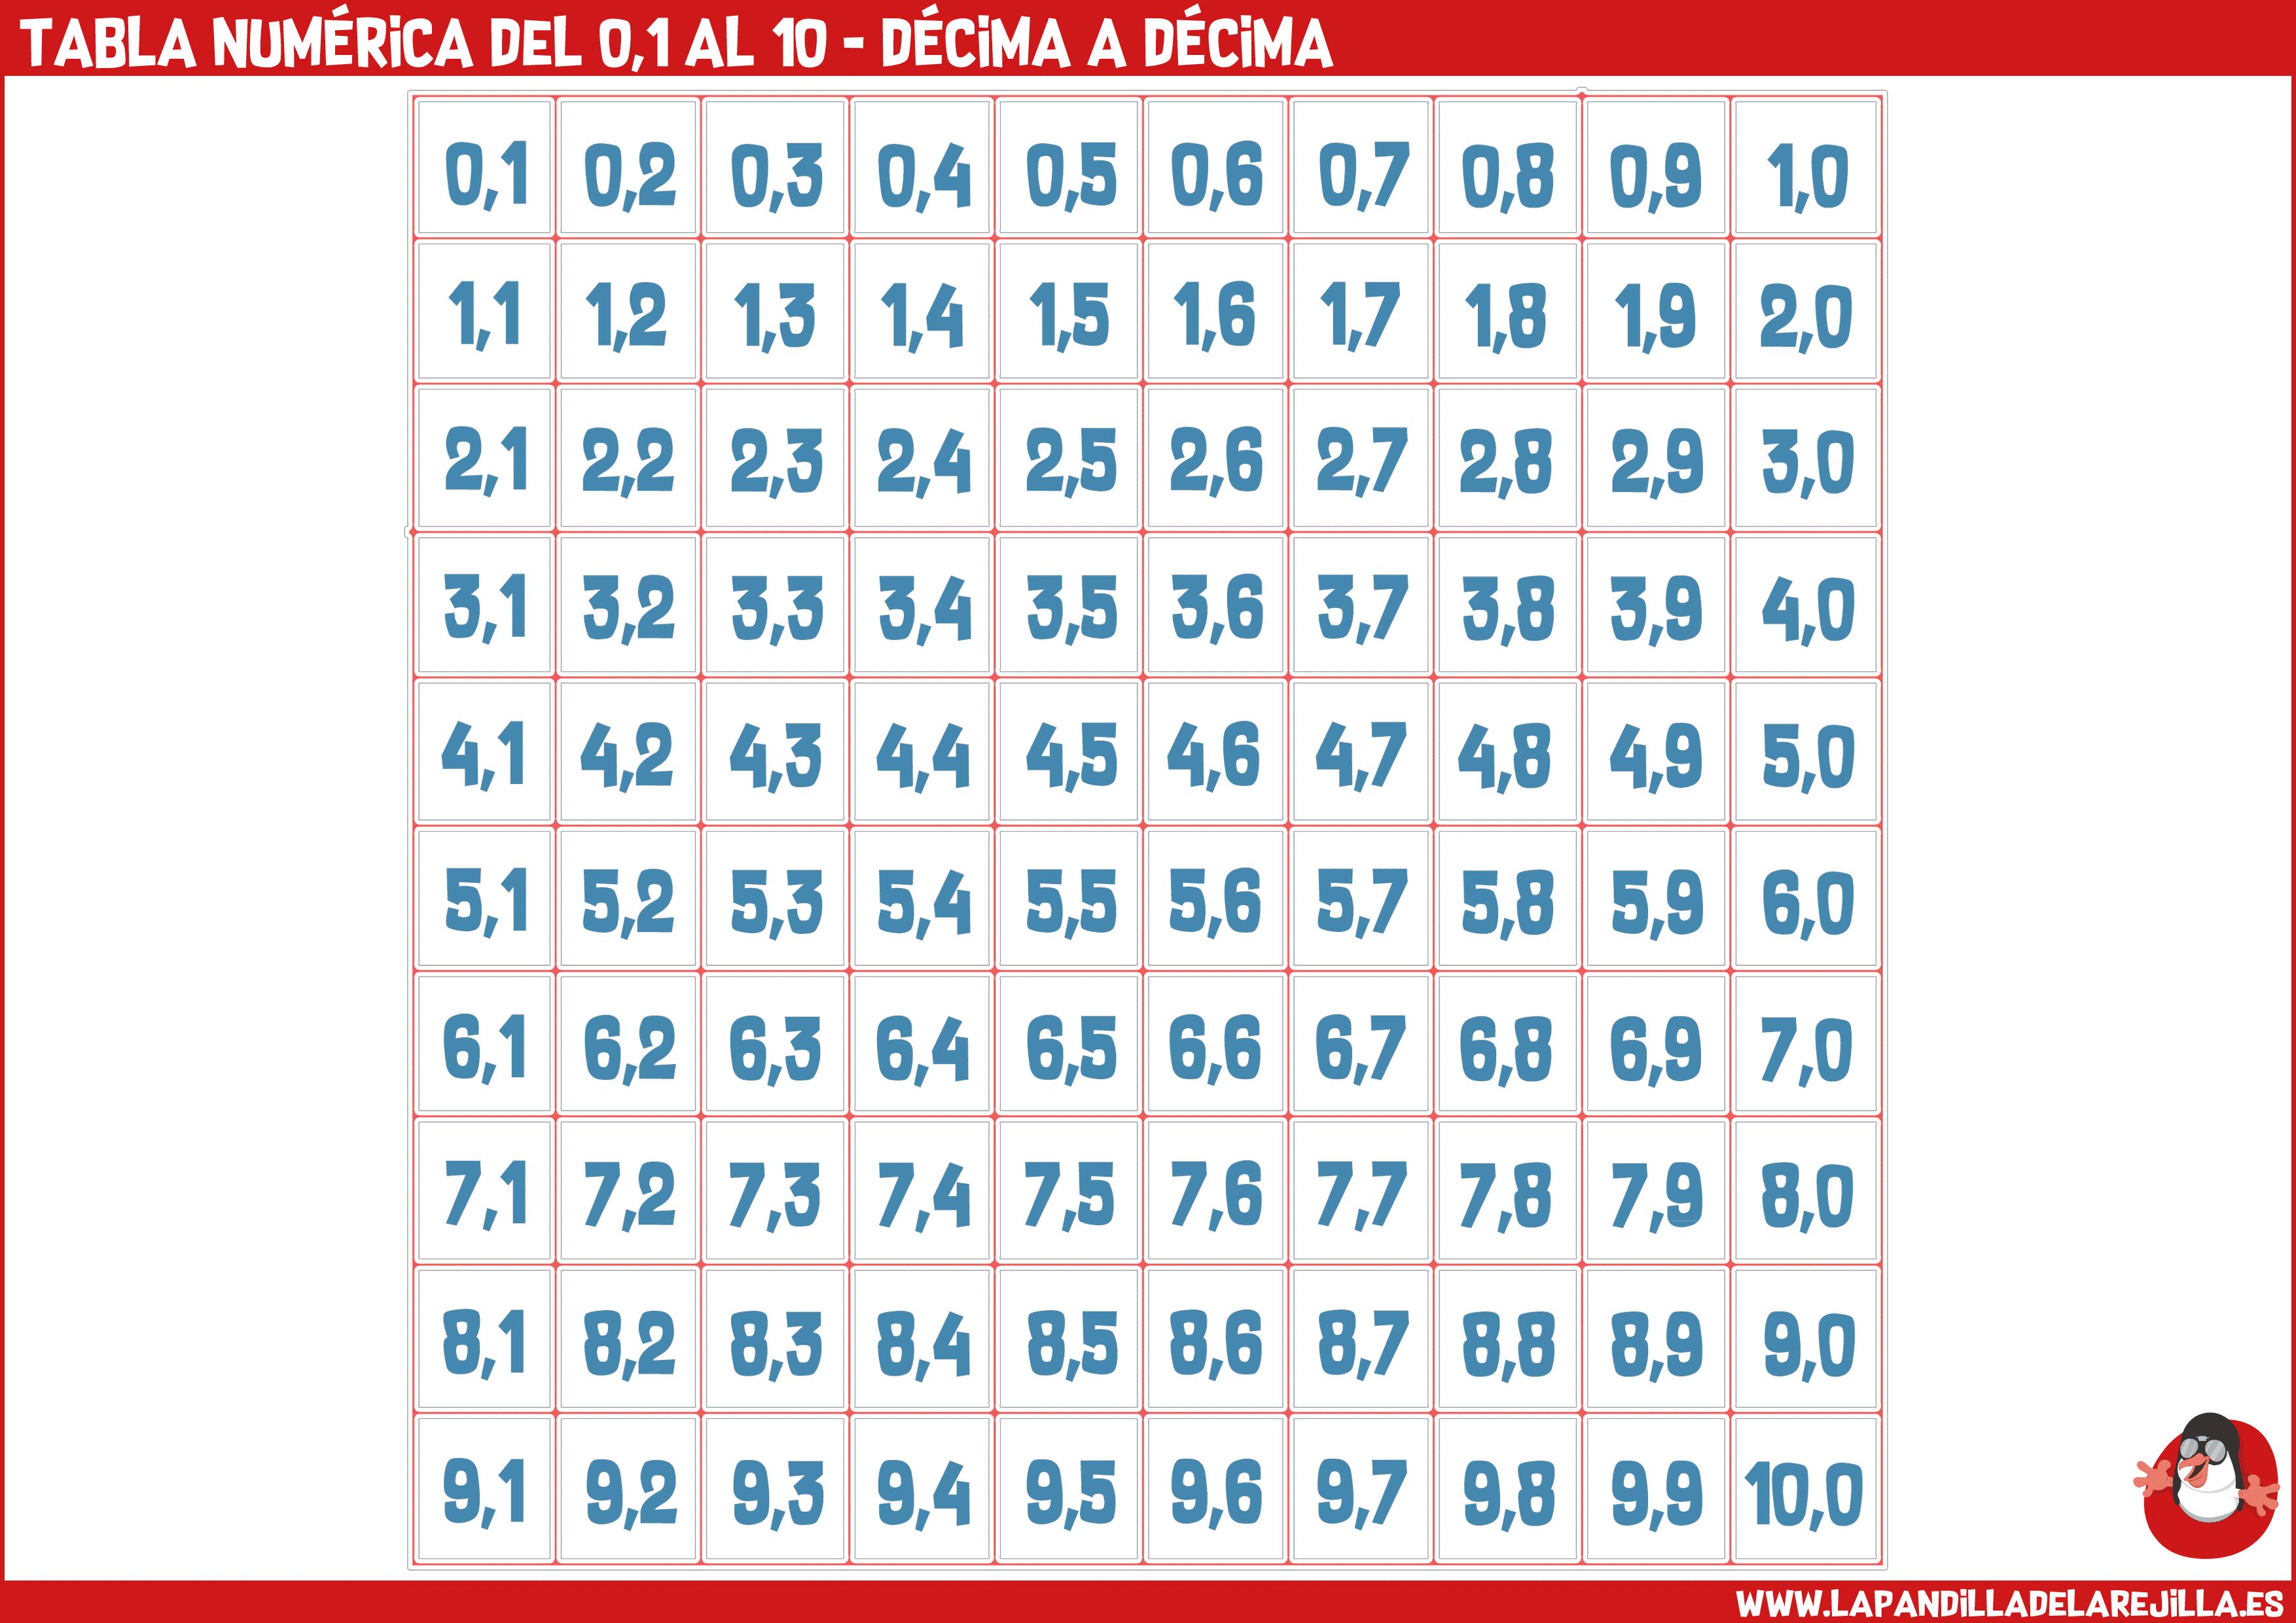 Tabla Numerica del 0,1 al 10 - Decima a Decima